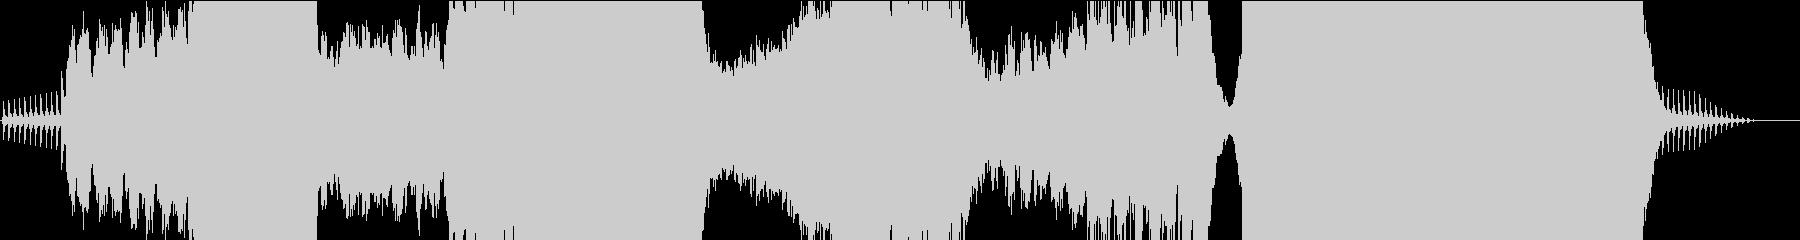 エレクトロ・シンフォニックなクリスマスの未再生の波形